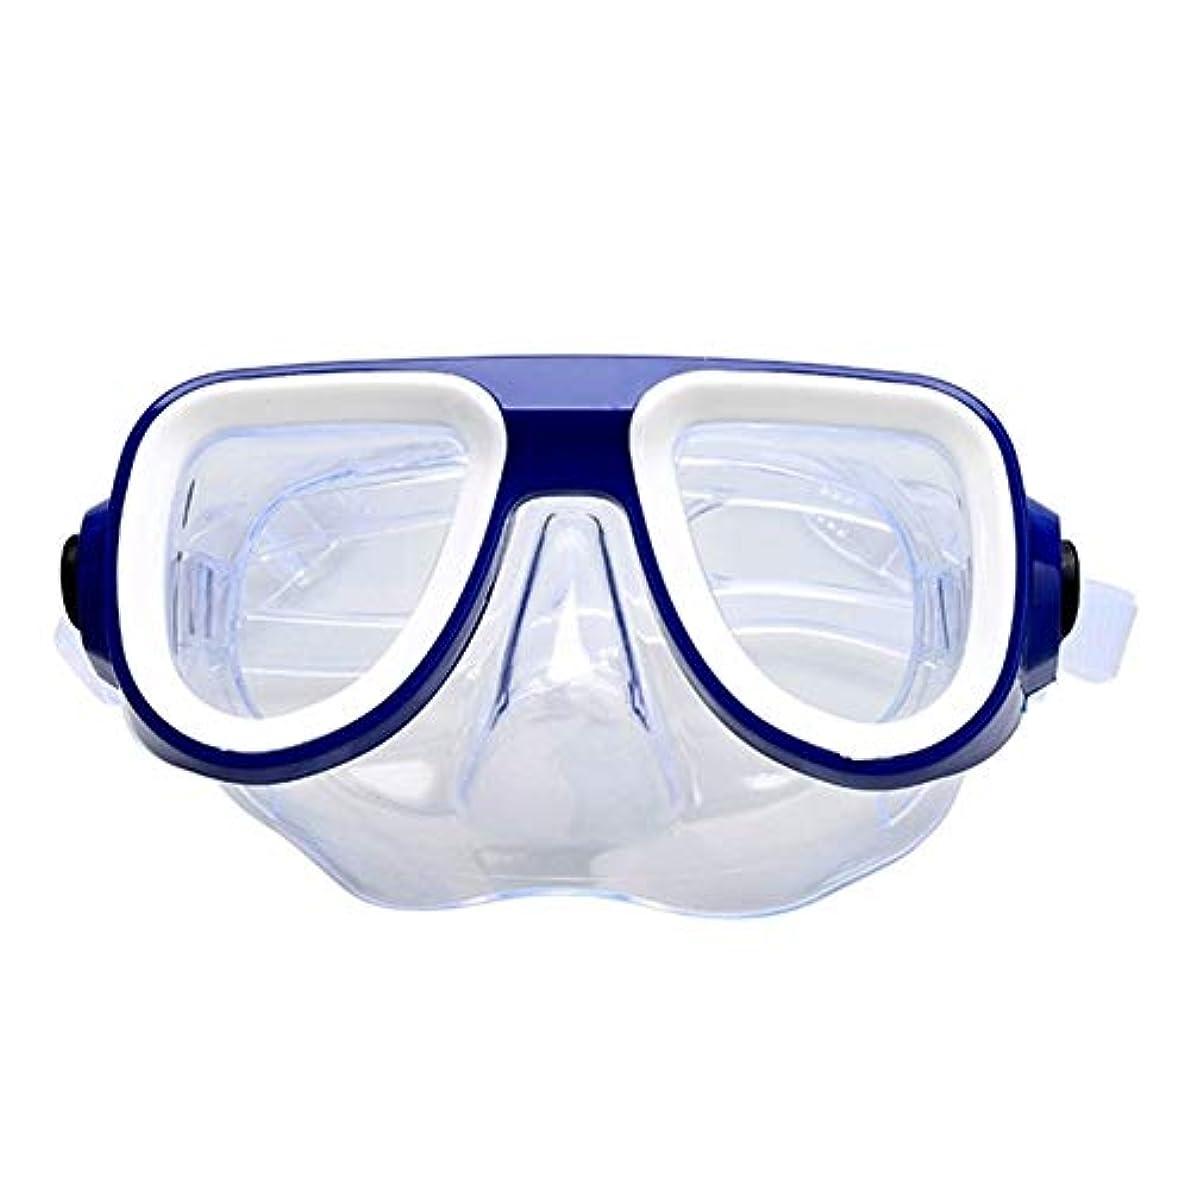 聴覚時間スカーフ子供ダイビングシュノーケリング水泳ダイビングフルドライシュノーケルとマスクガラスレンズ g5y9k2i3rw1